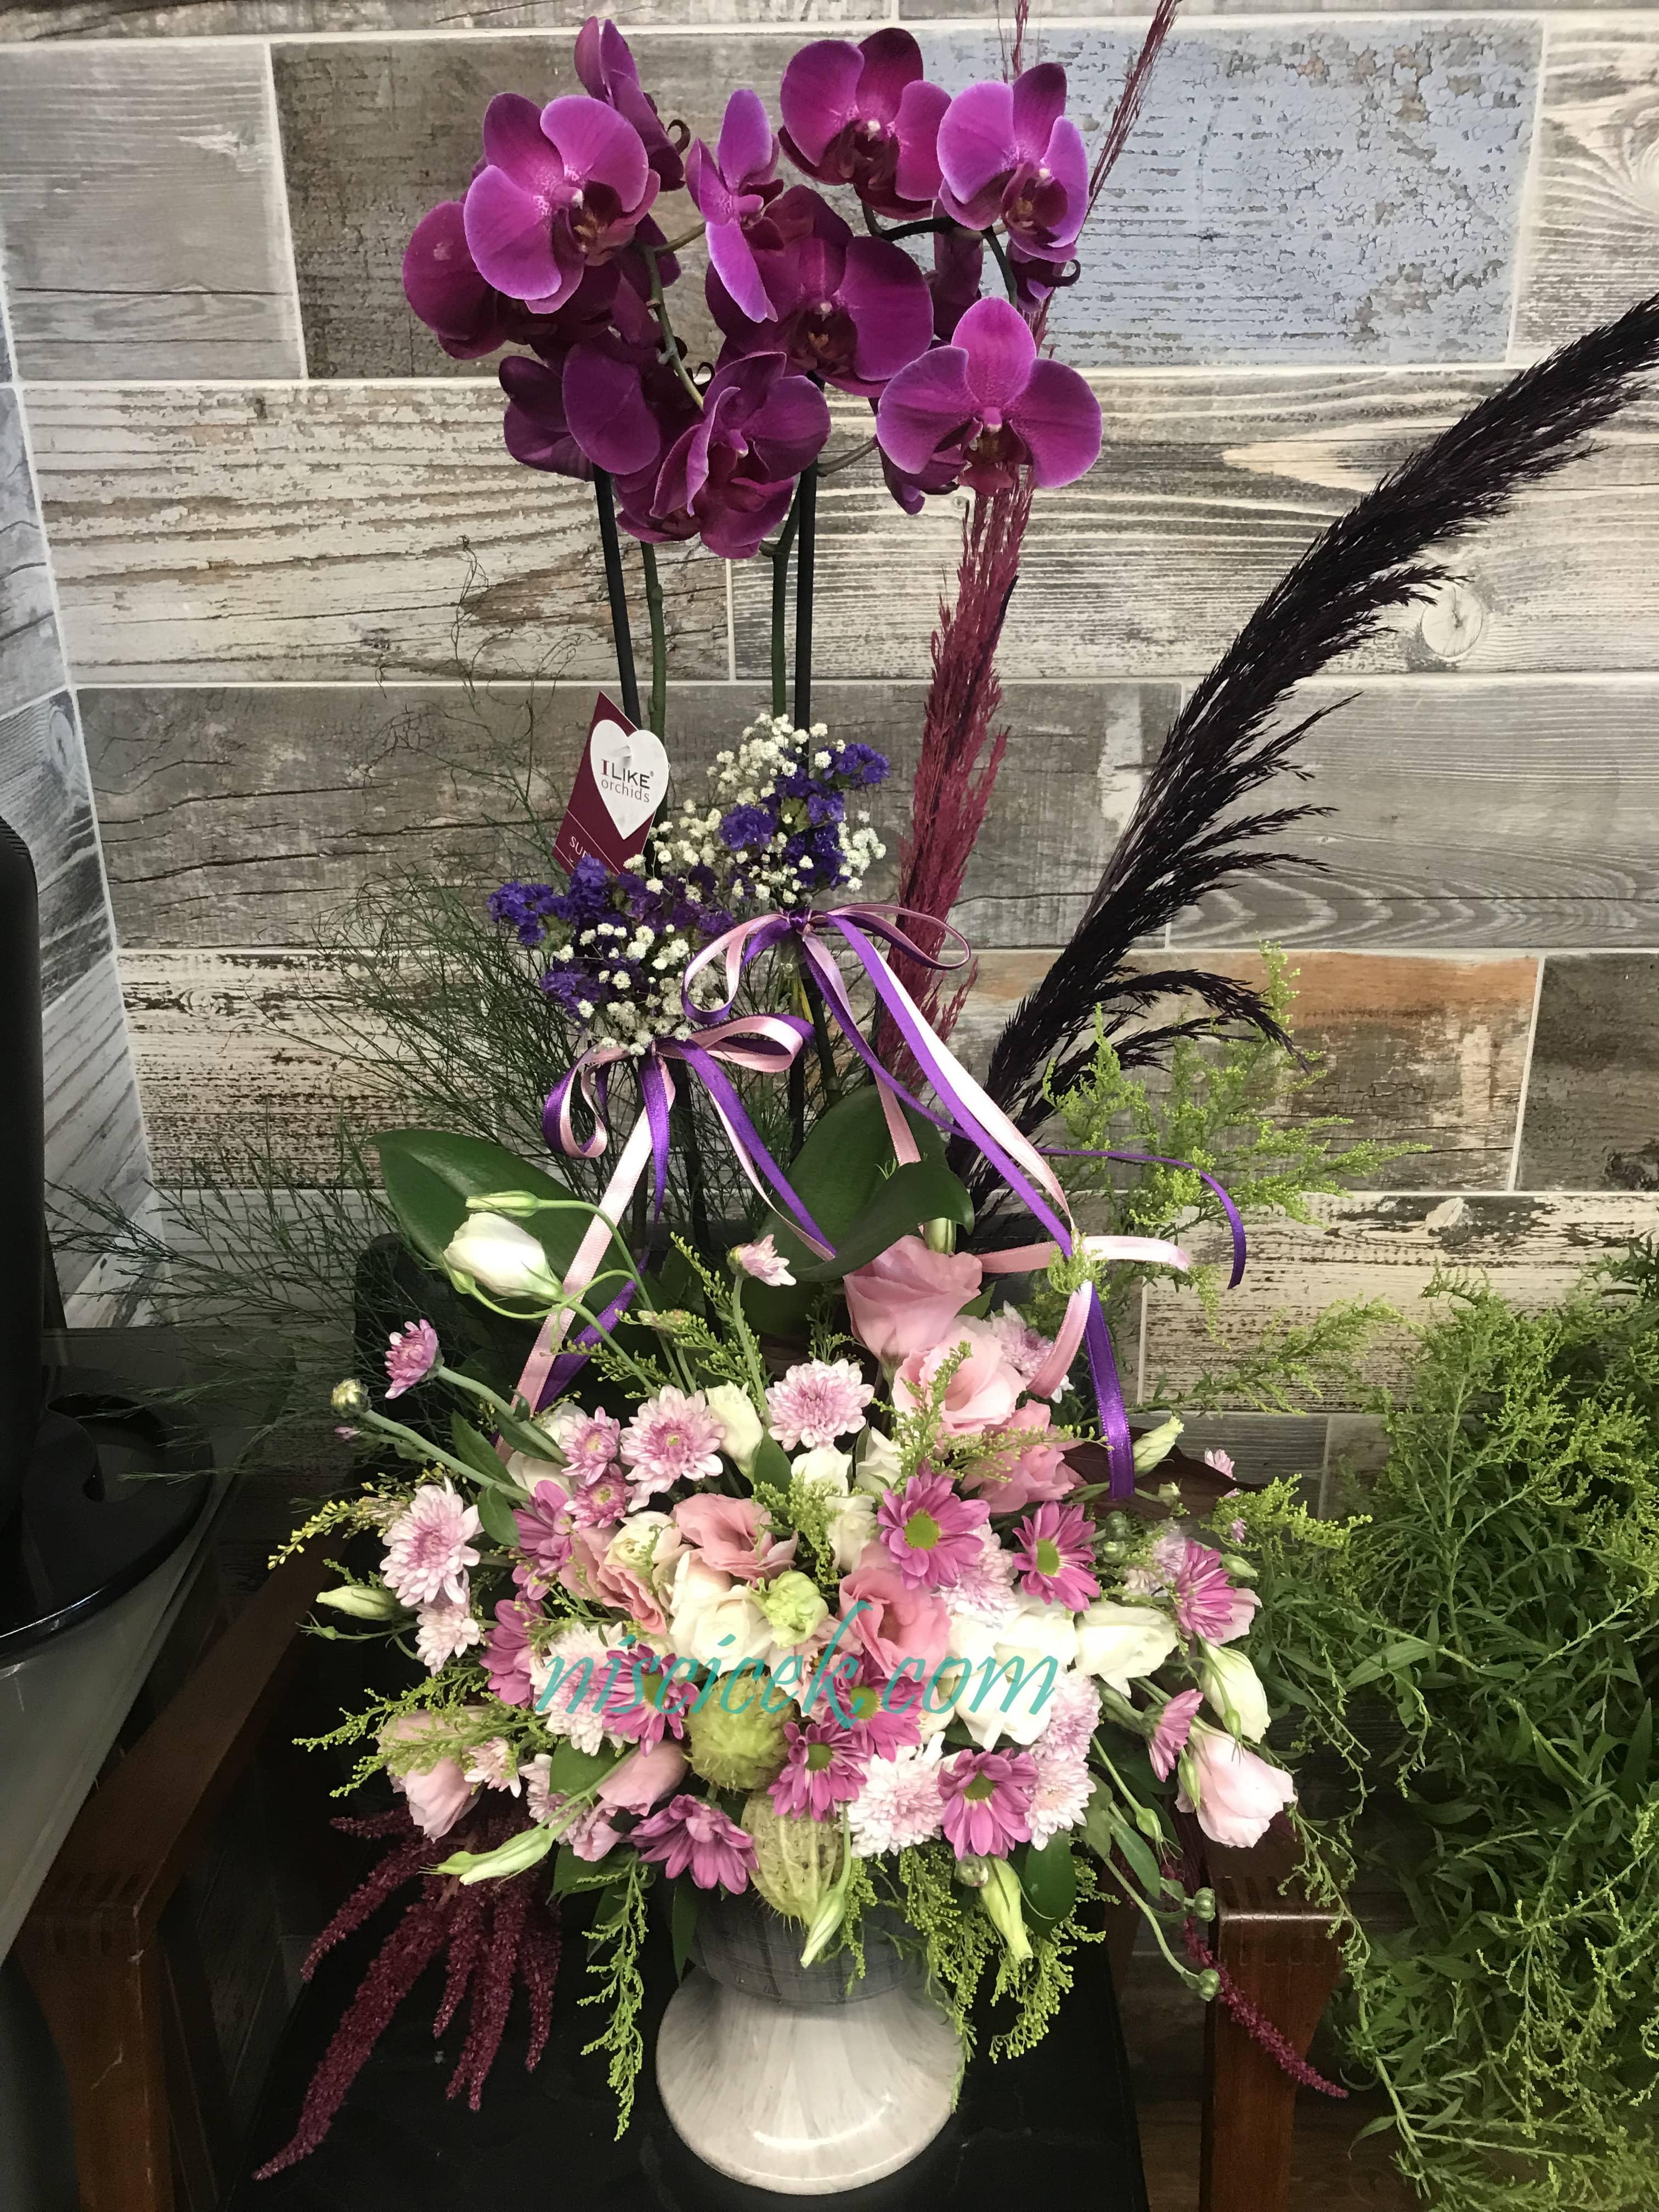 Seramik Saksıda 2 Köklü Mor Orkide Pembe Beyaz Mor Tanzim - Ürün Kodu:737